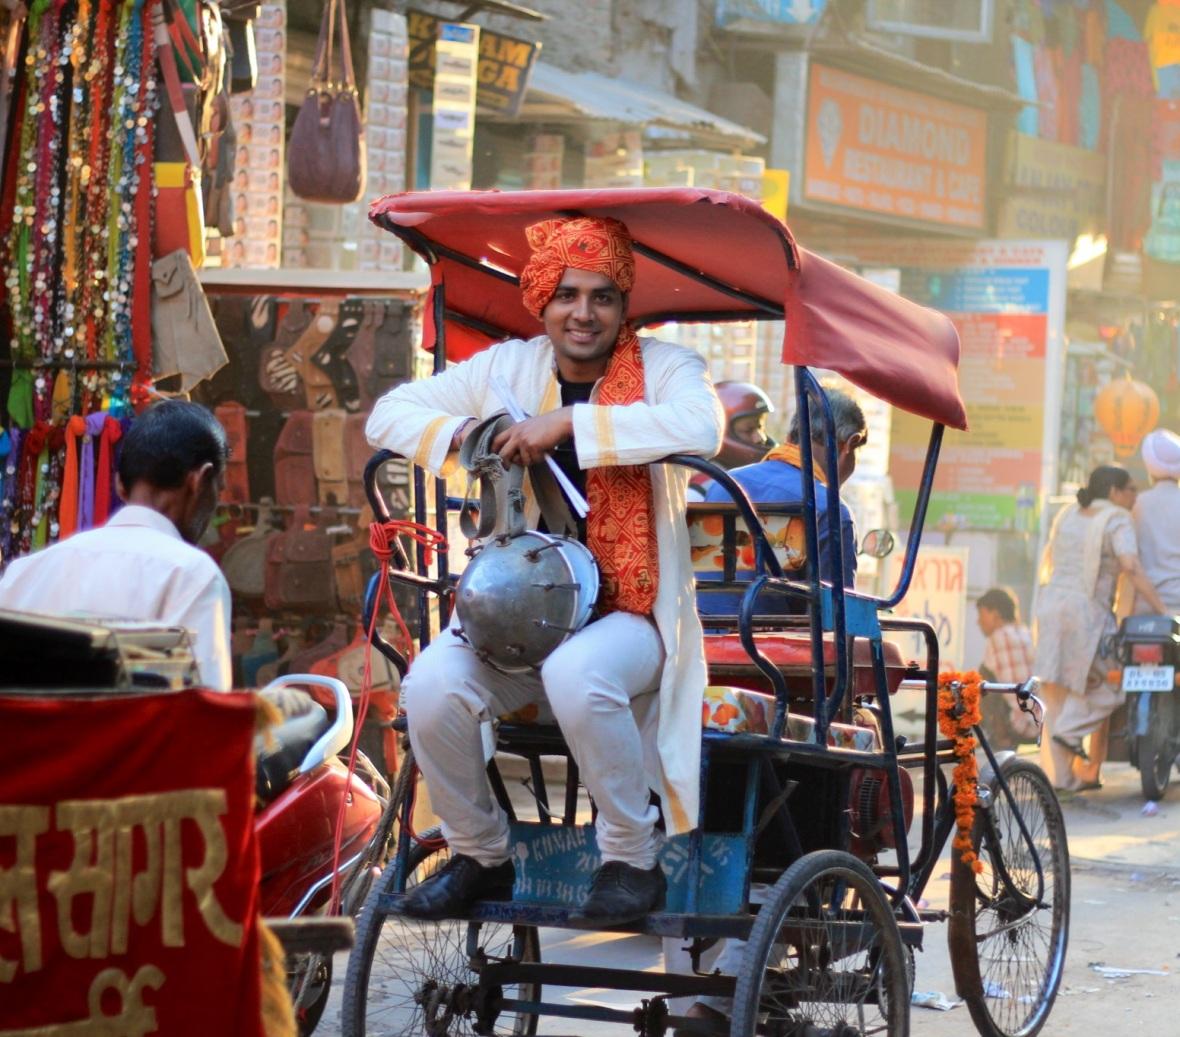 Festival in Delhi